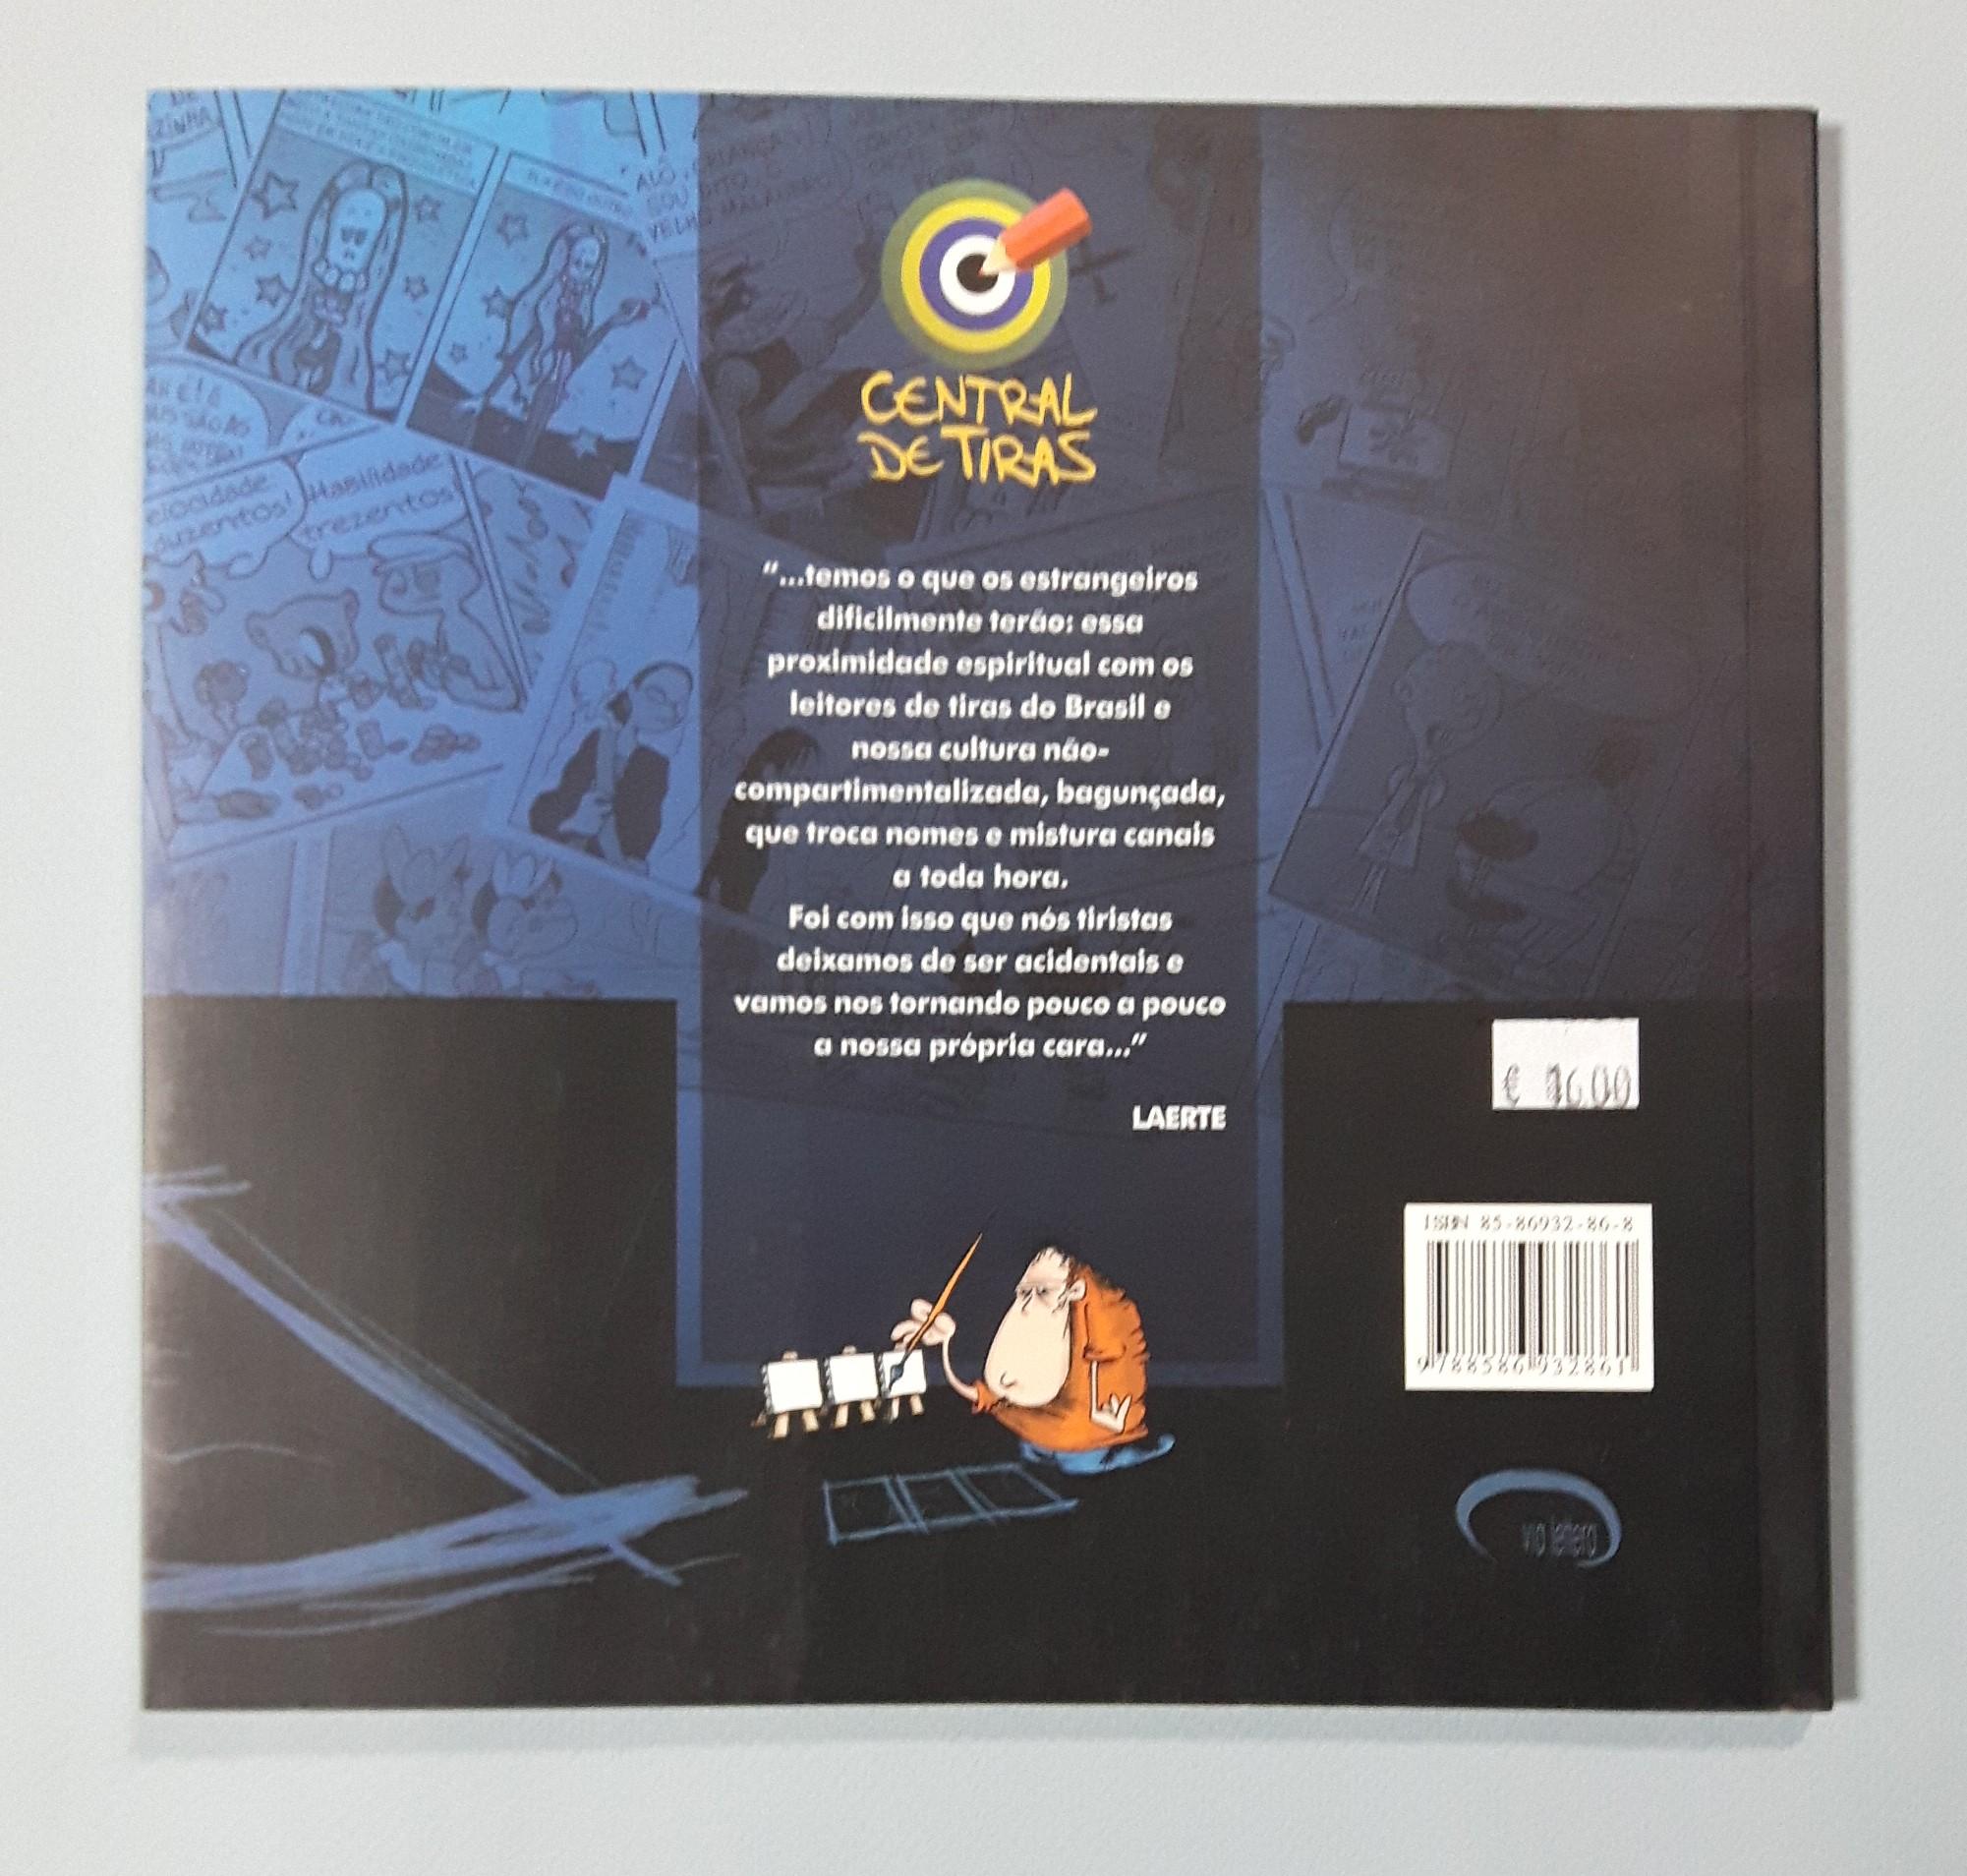 CENTRAL DE TIRAS 2003